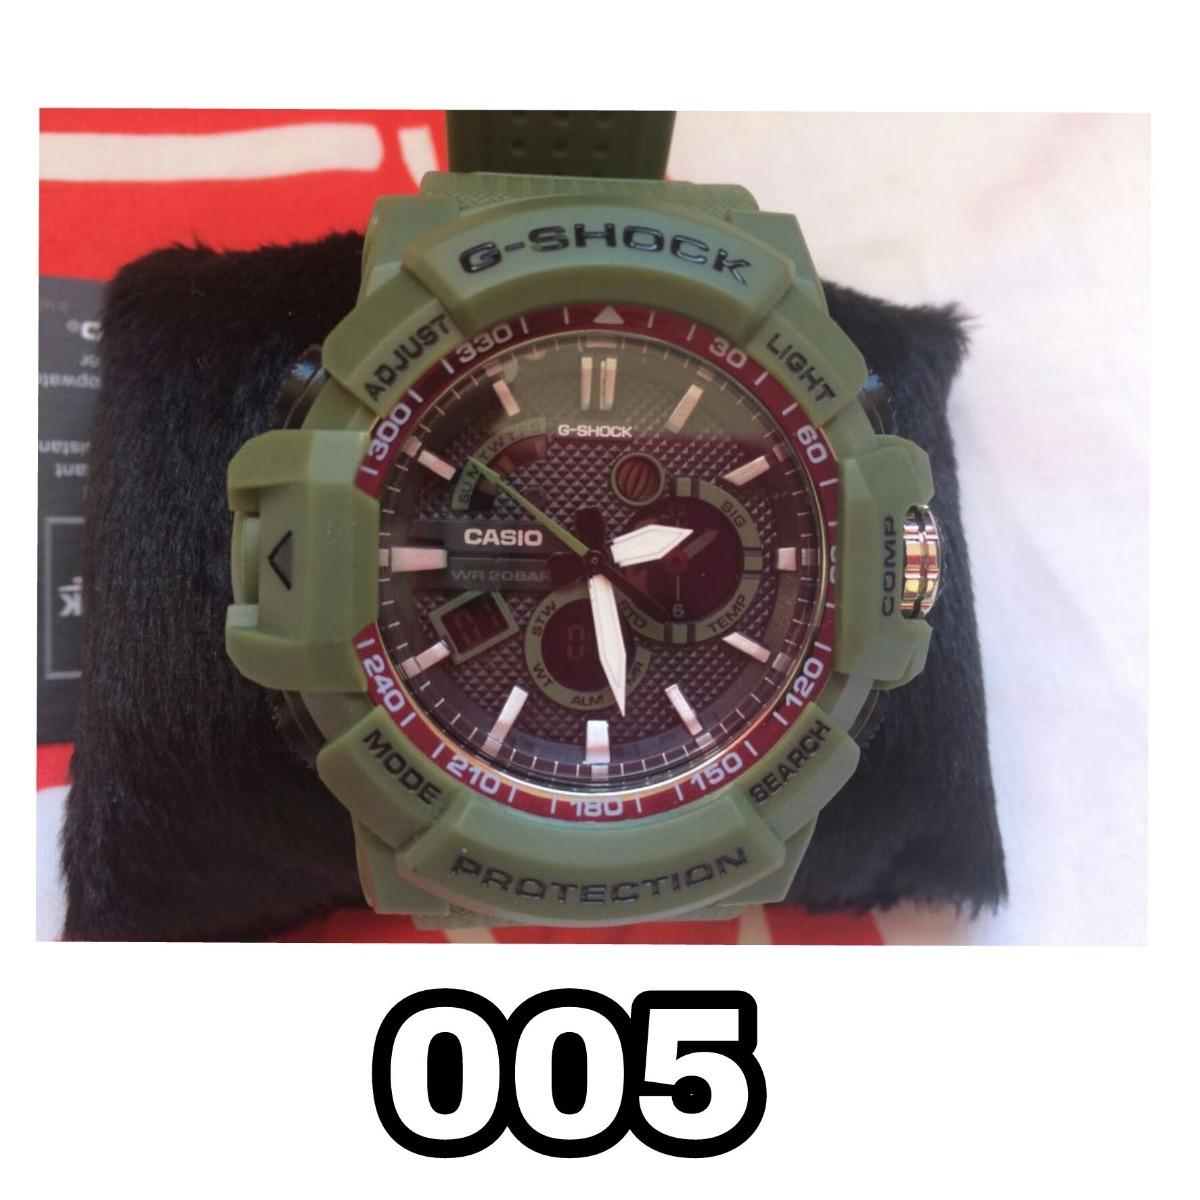 78cc454073d relógio g shock kit com 16 unidade para revenda. Carregando zoom.